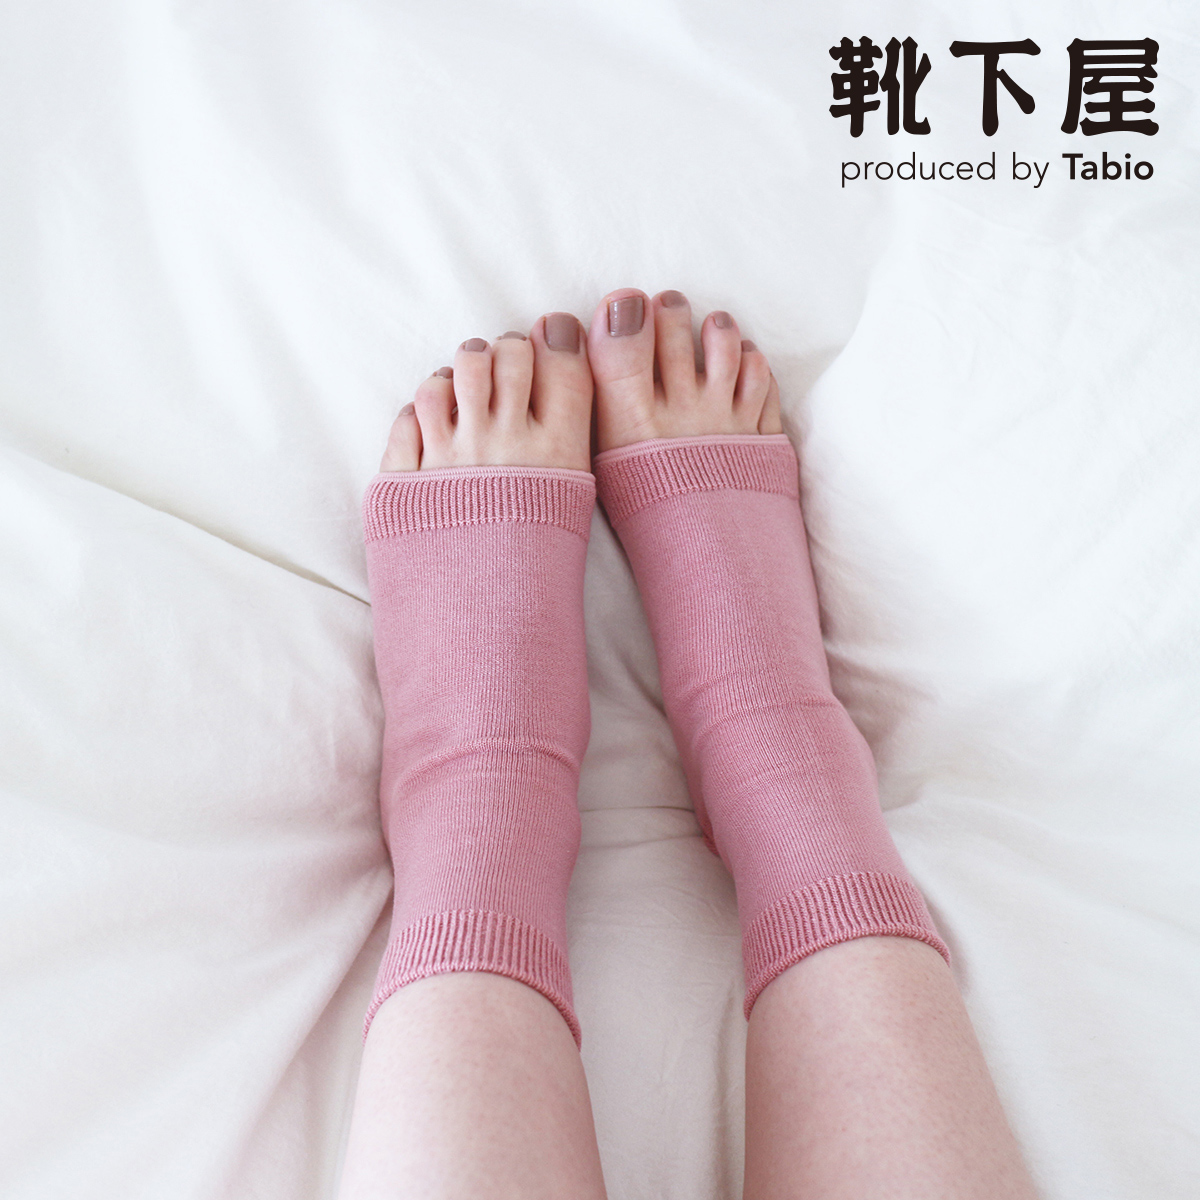 SALE開催中 TABIO LEG LABO Web限定 かかとロングカバー 靴下屋 靴下 タビオ くつ下 冷え対策 レディース かかと あす楽 かかとソックス 日本製 かかとカバー サンダル用 送料無料お手入れ要らず